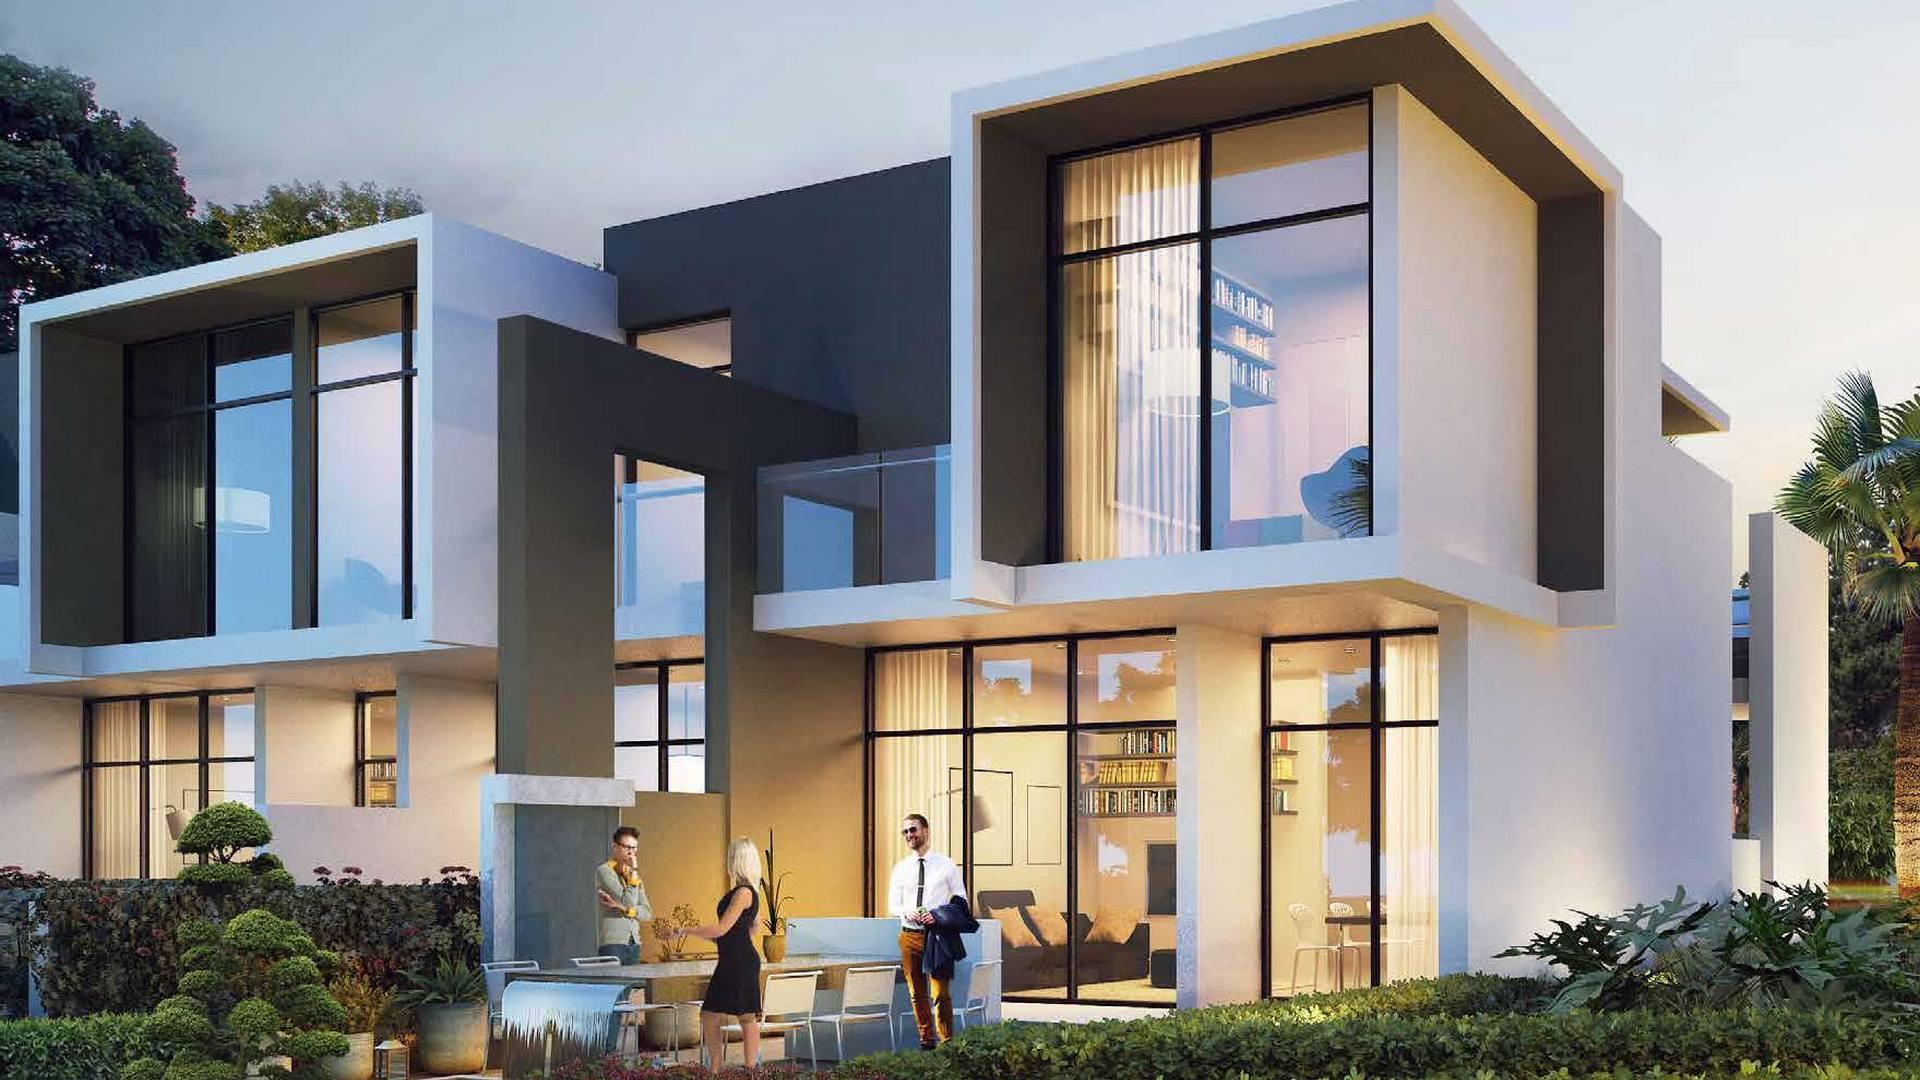 Adosado en venta en Dubai, EAU, 3 dormitorios, 152 m2, № 24054 – foto 1